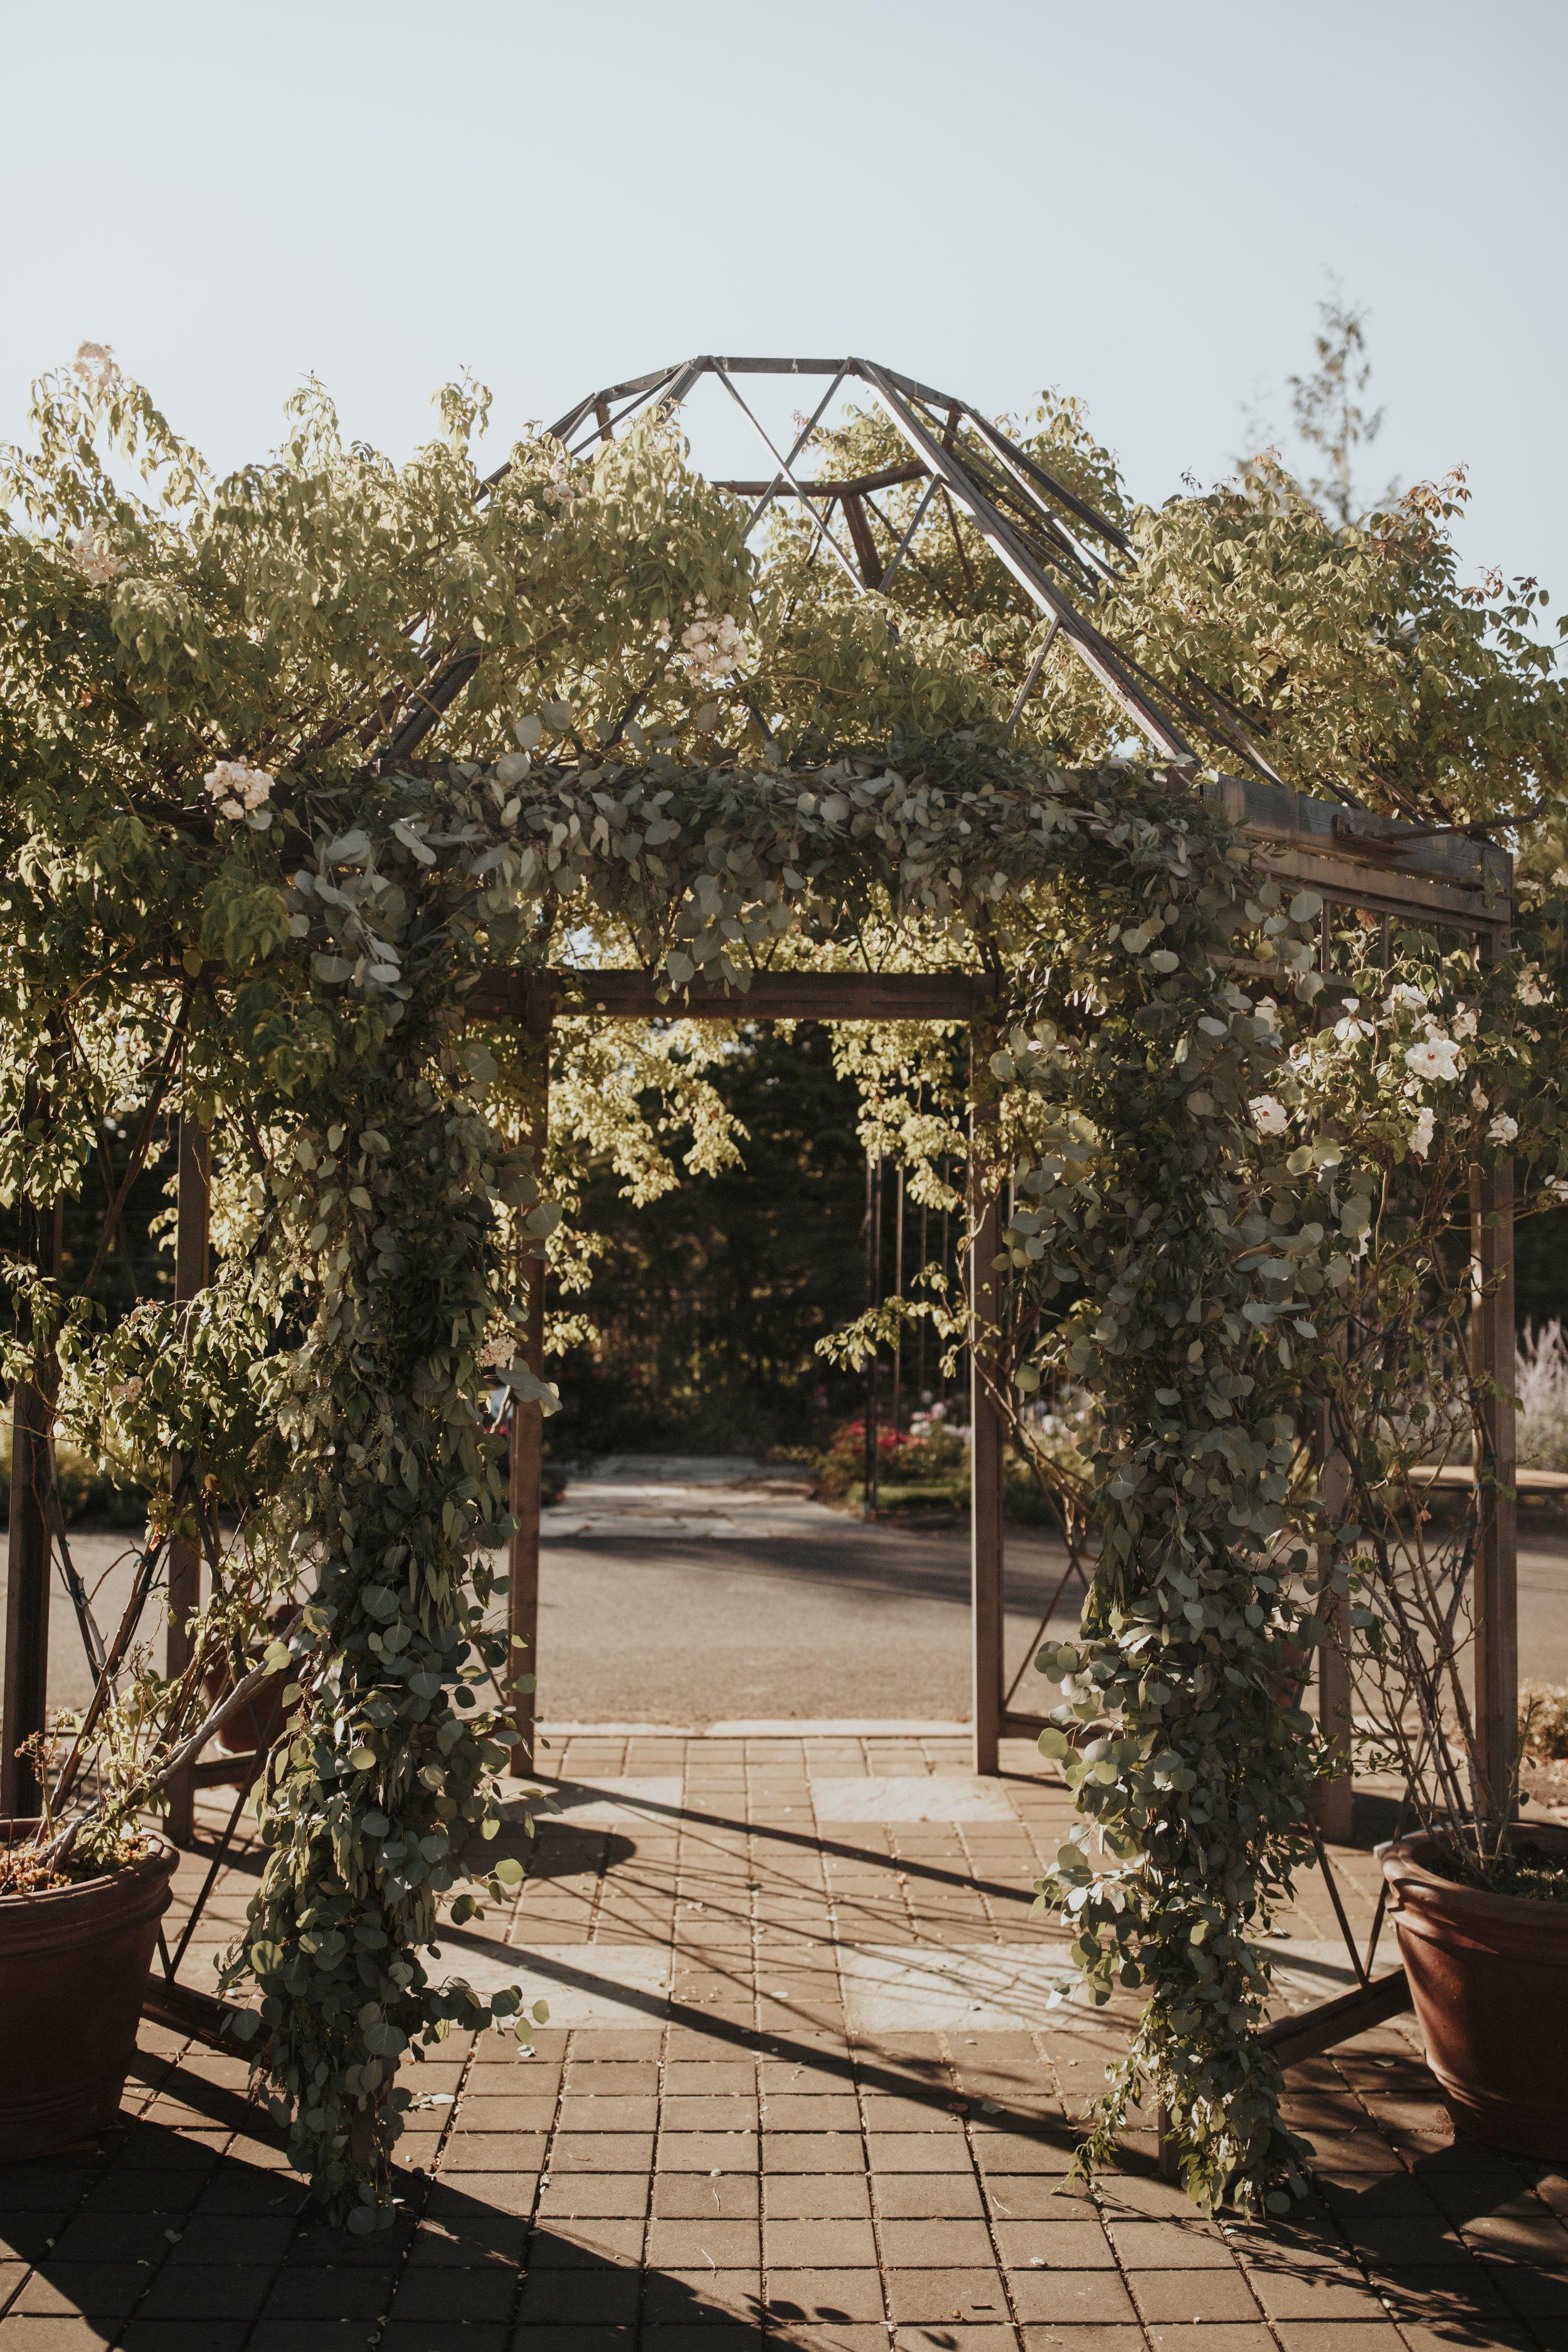 dawn-photo-oregon-gardens-cara-skylen-3.jpg